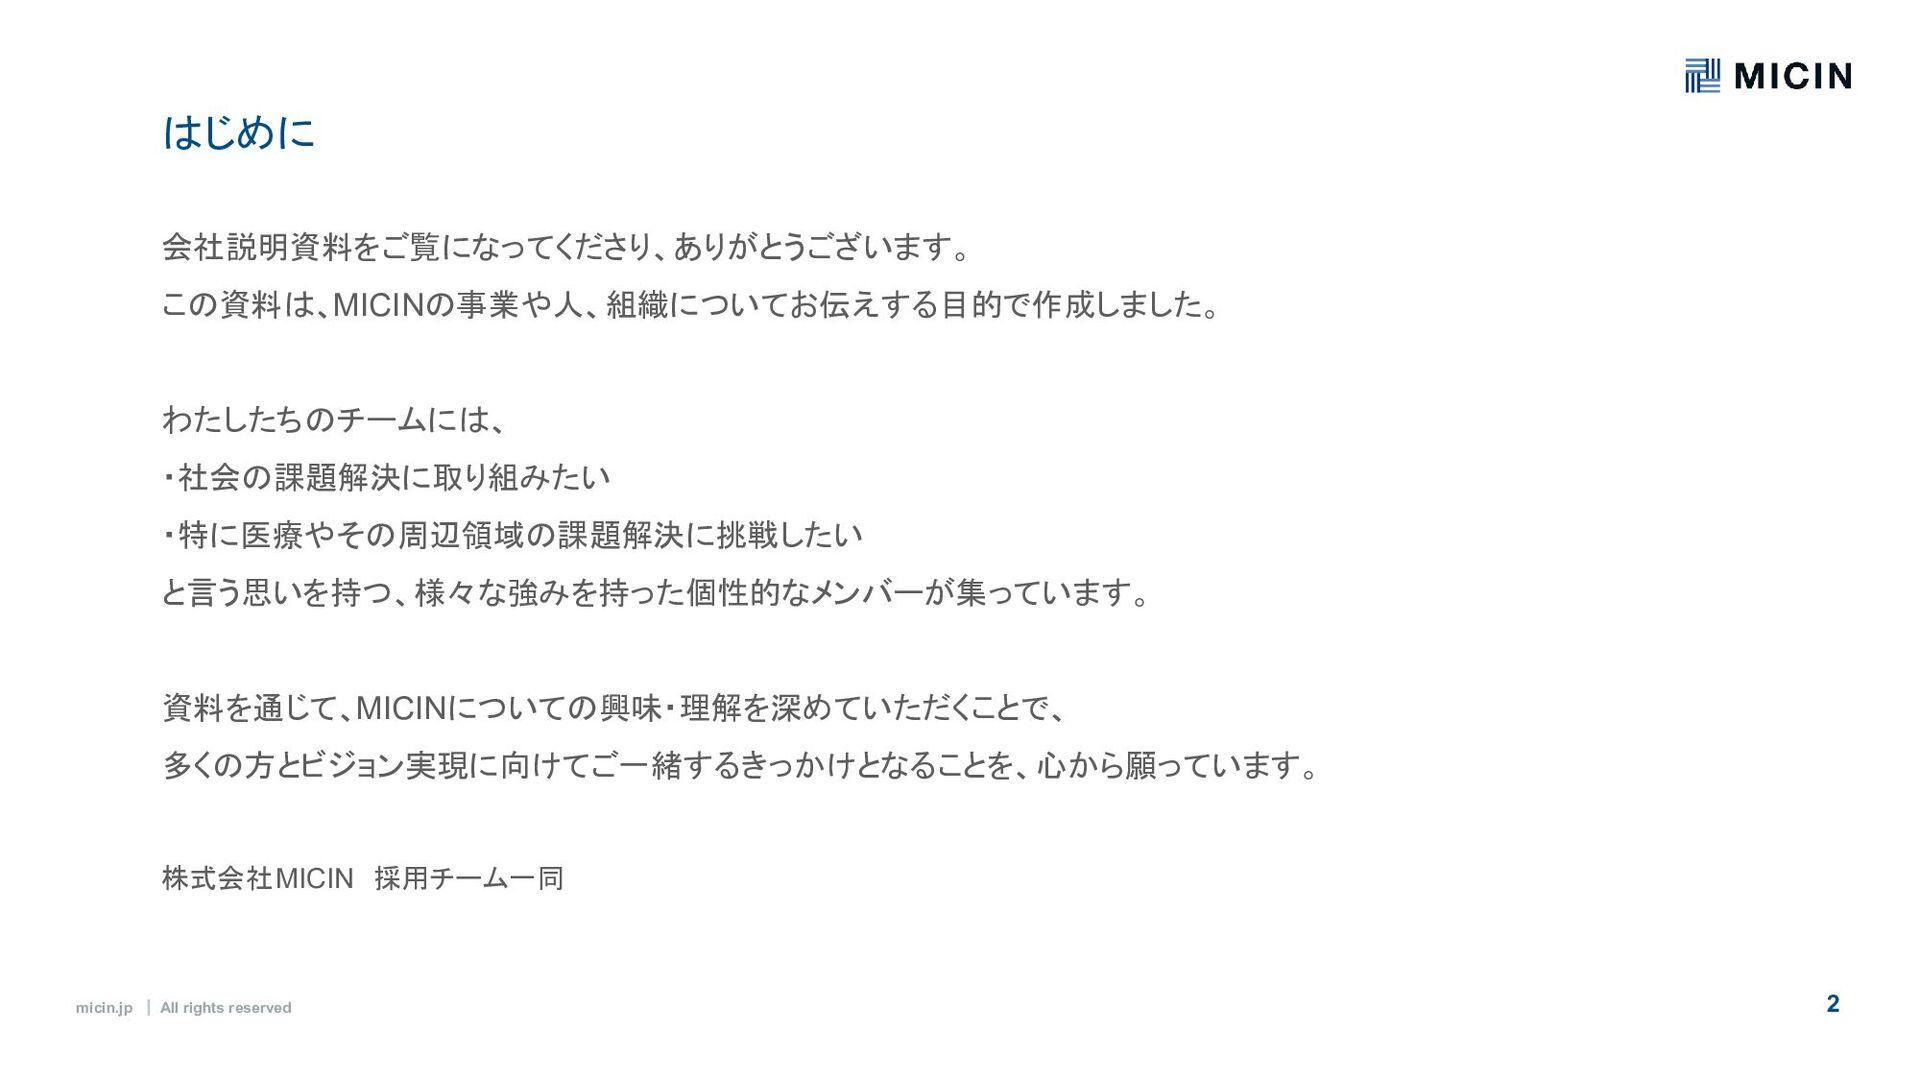 micin.jp ʛ All rights reserved 2 ͡Ίʹɹ ͯ͢ͷਓ͕ɺೲ...